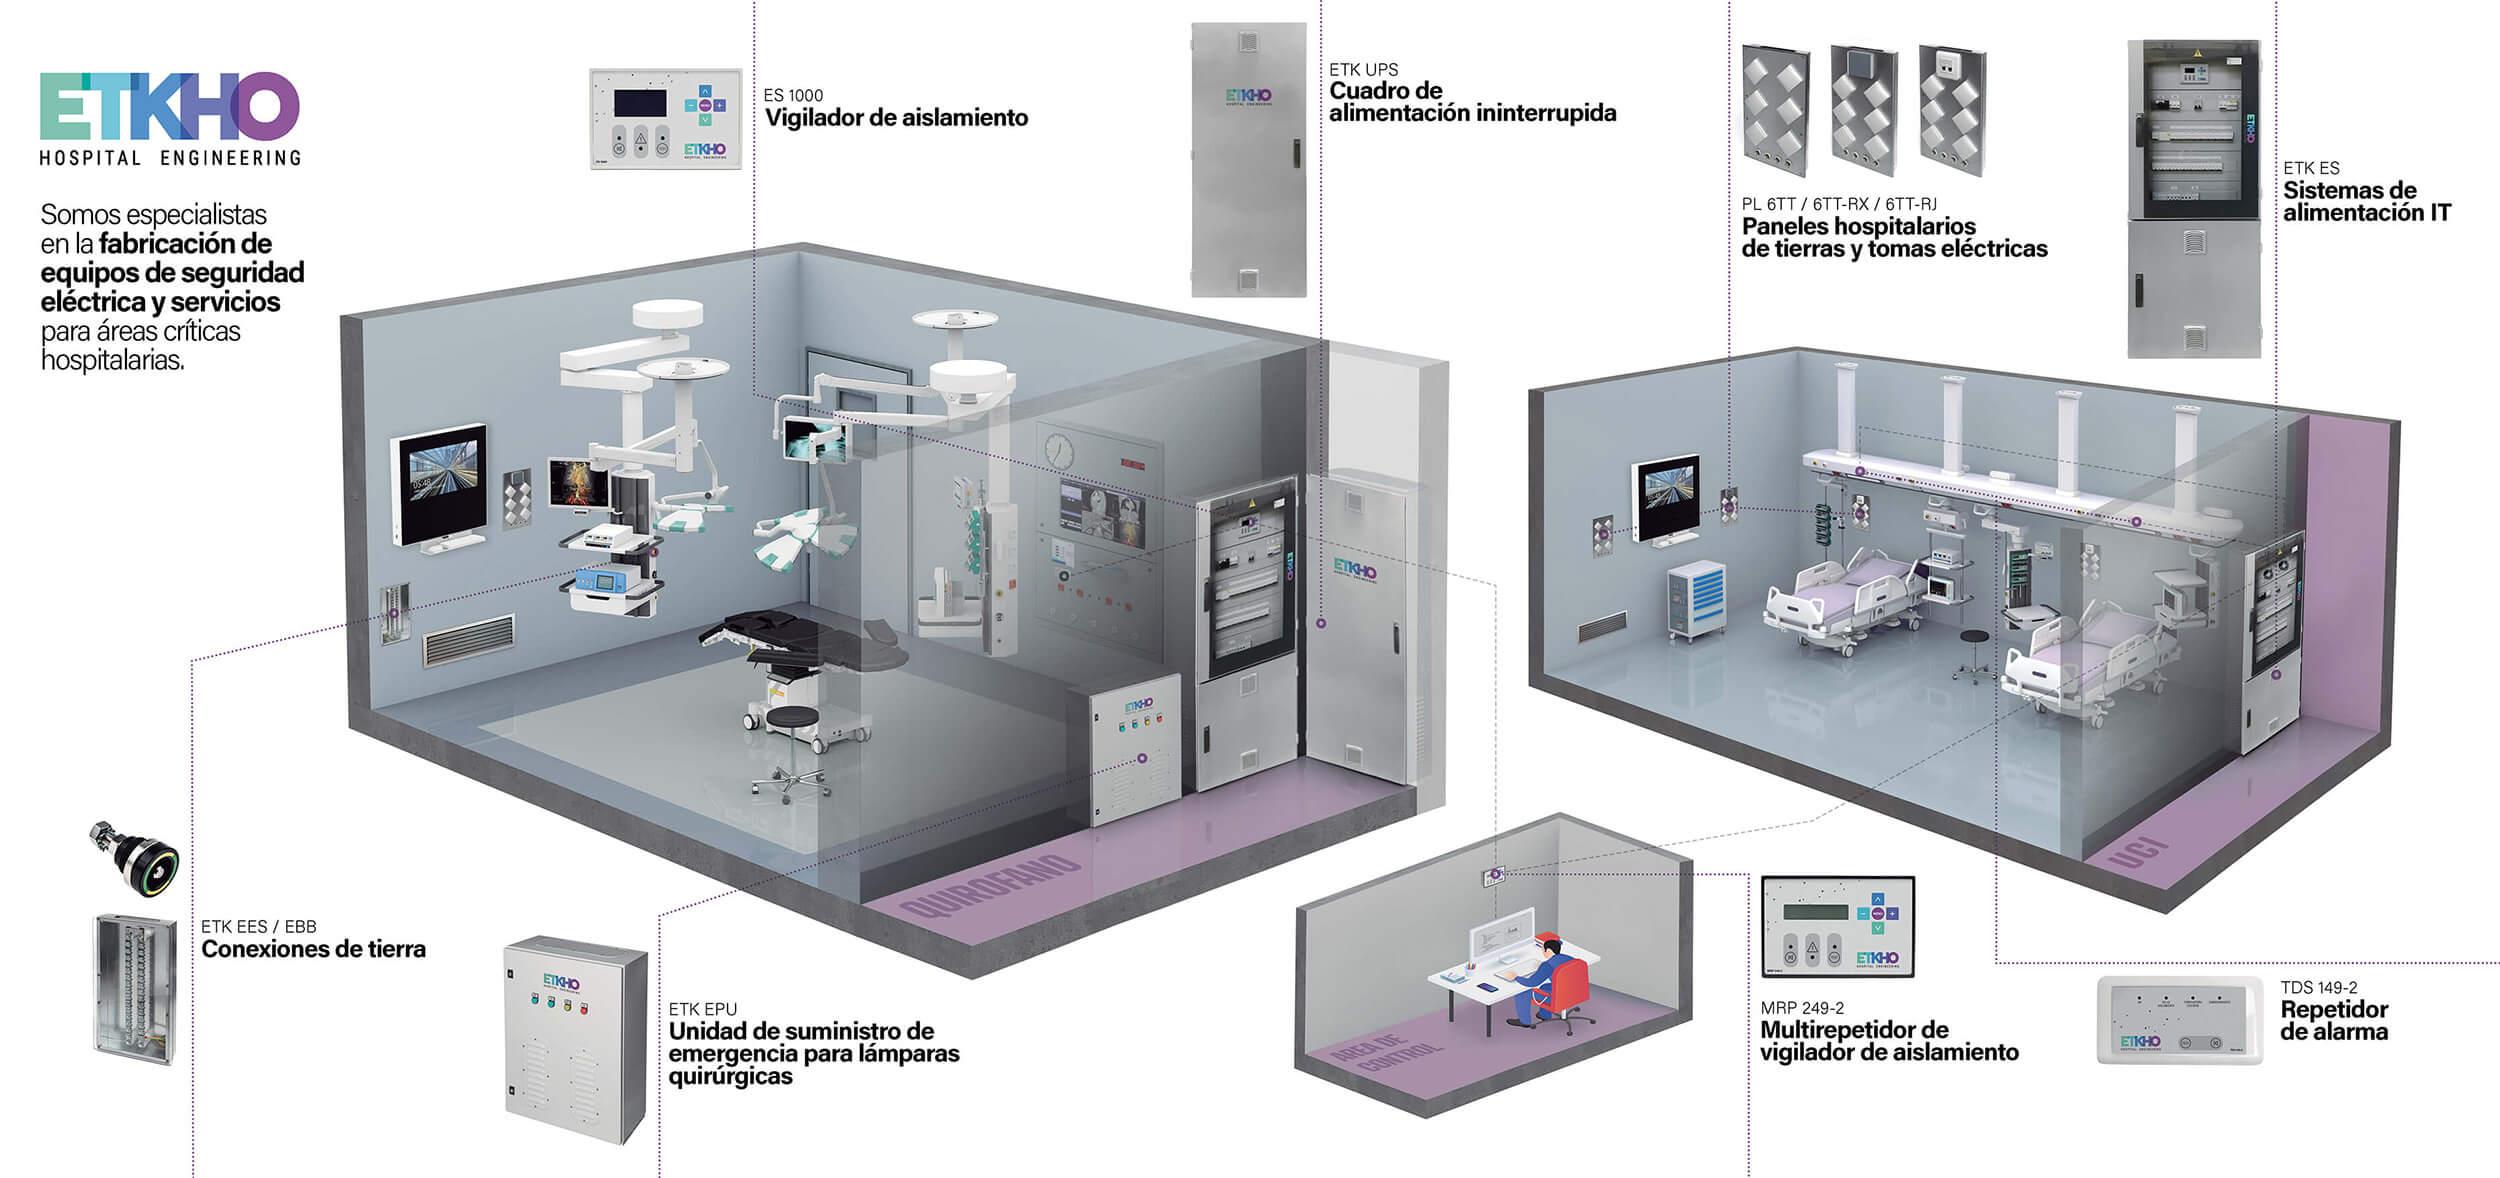 seguridad eléctrica hospitalaria: quirófano y UCI